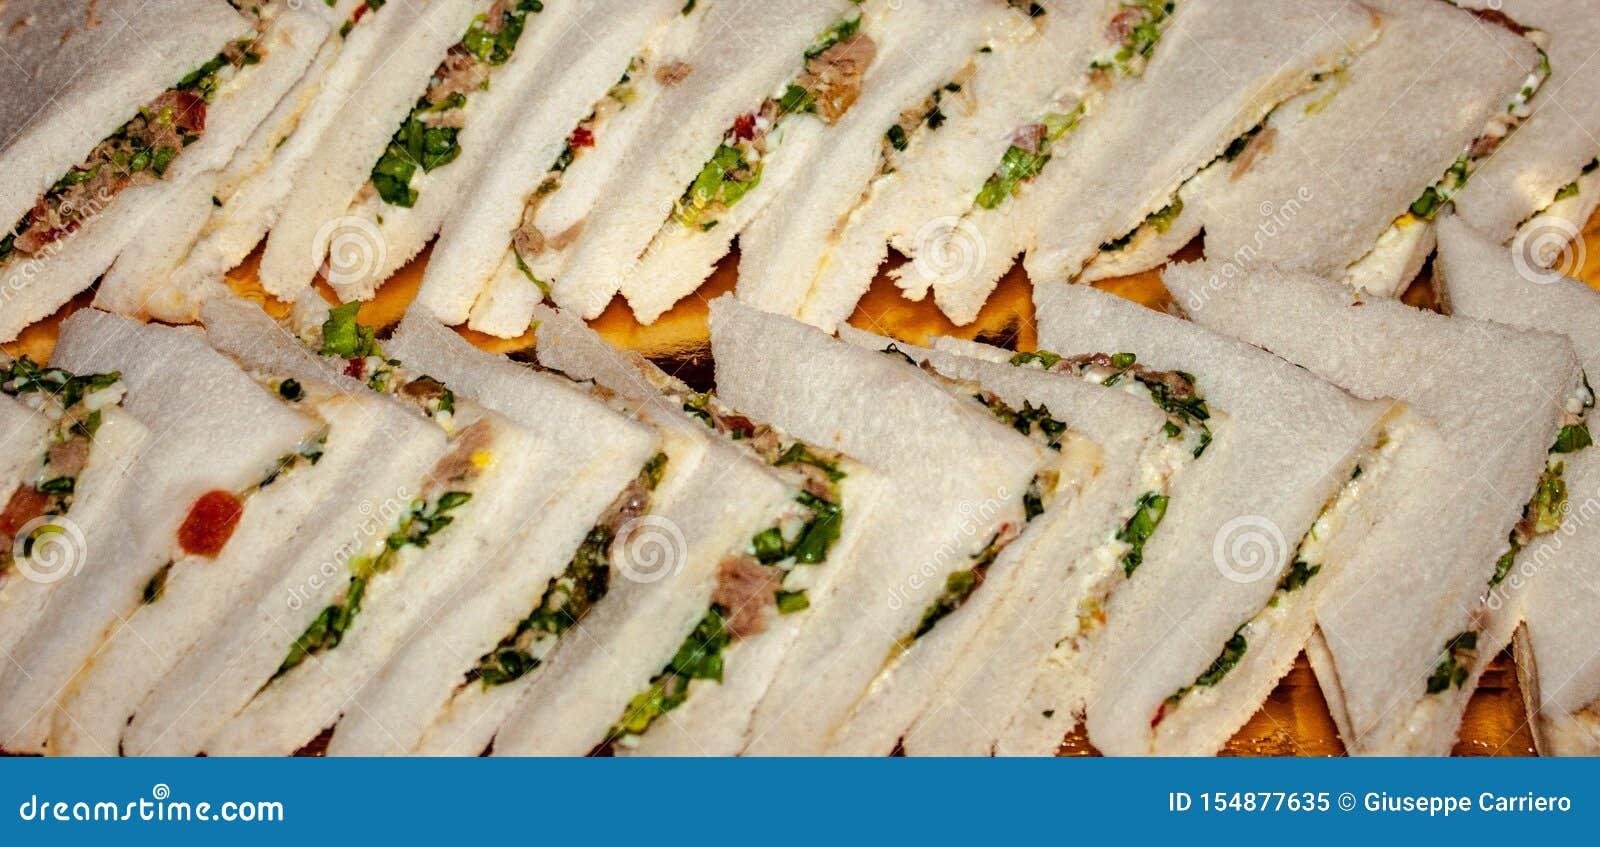 Вкусные сэндвичи подготавливают быть наслаженным, установленный на подносе, сэндвич, хлеб заполненный со что учтено самое лучшее